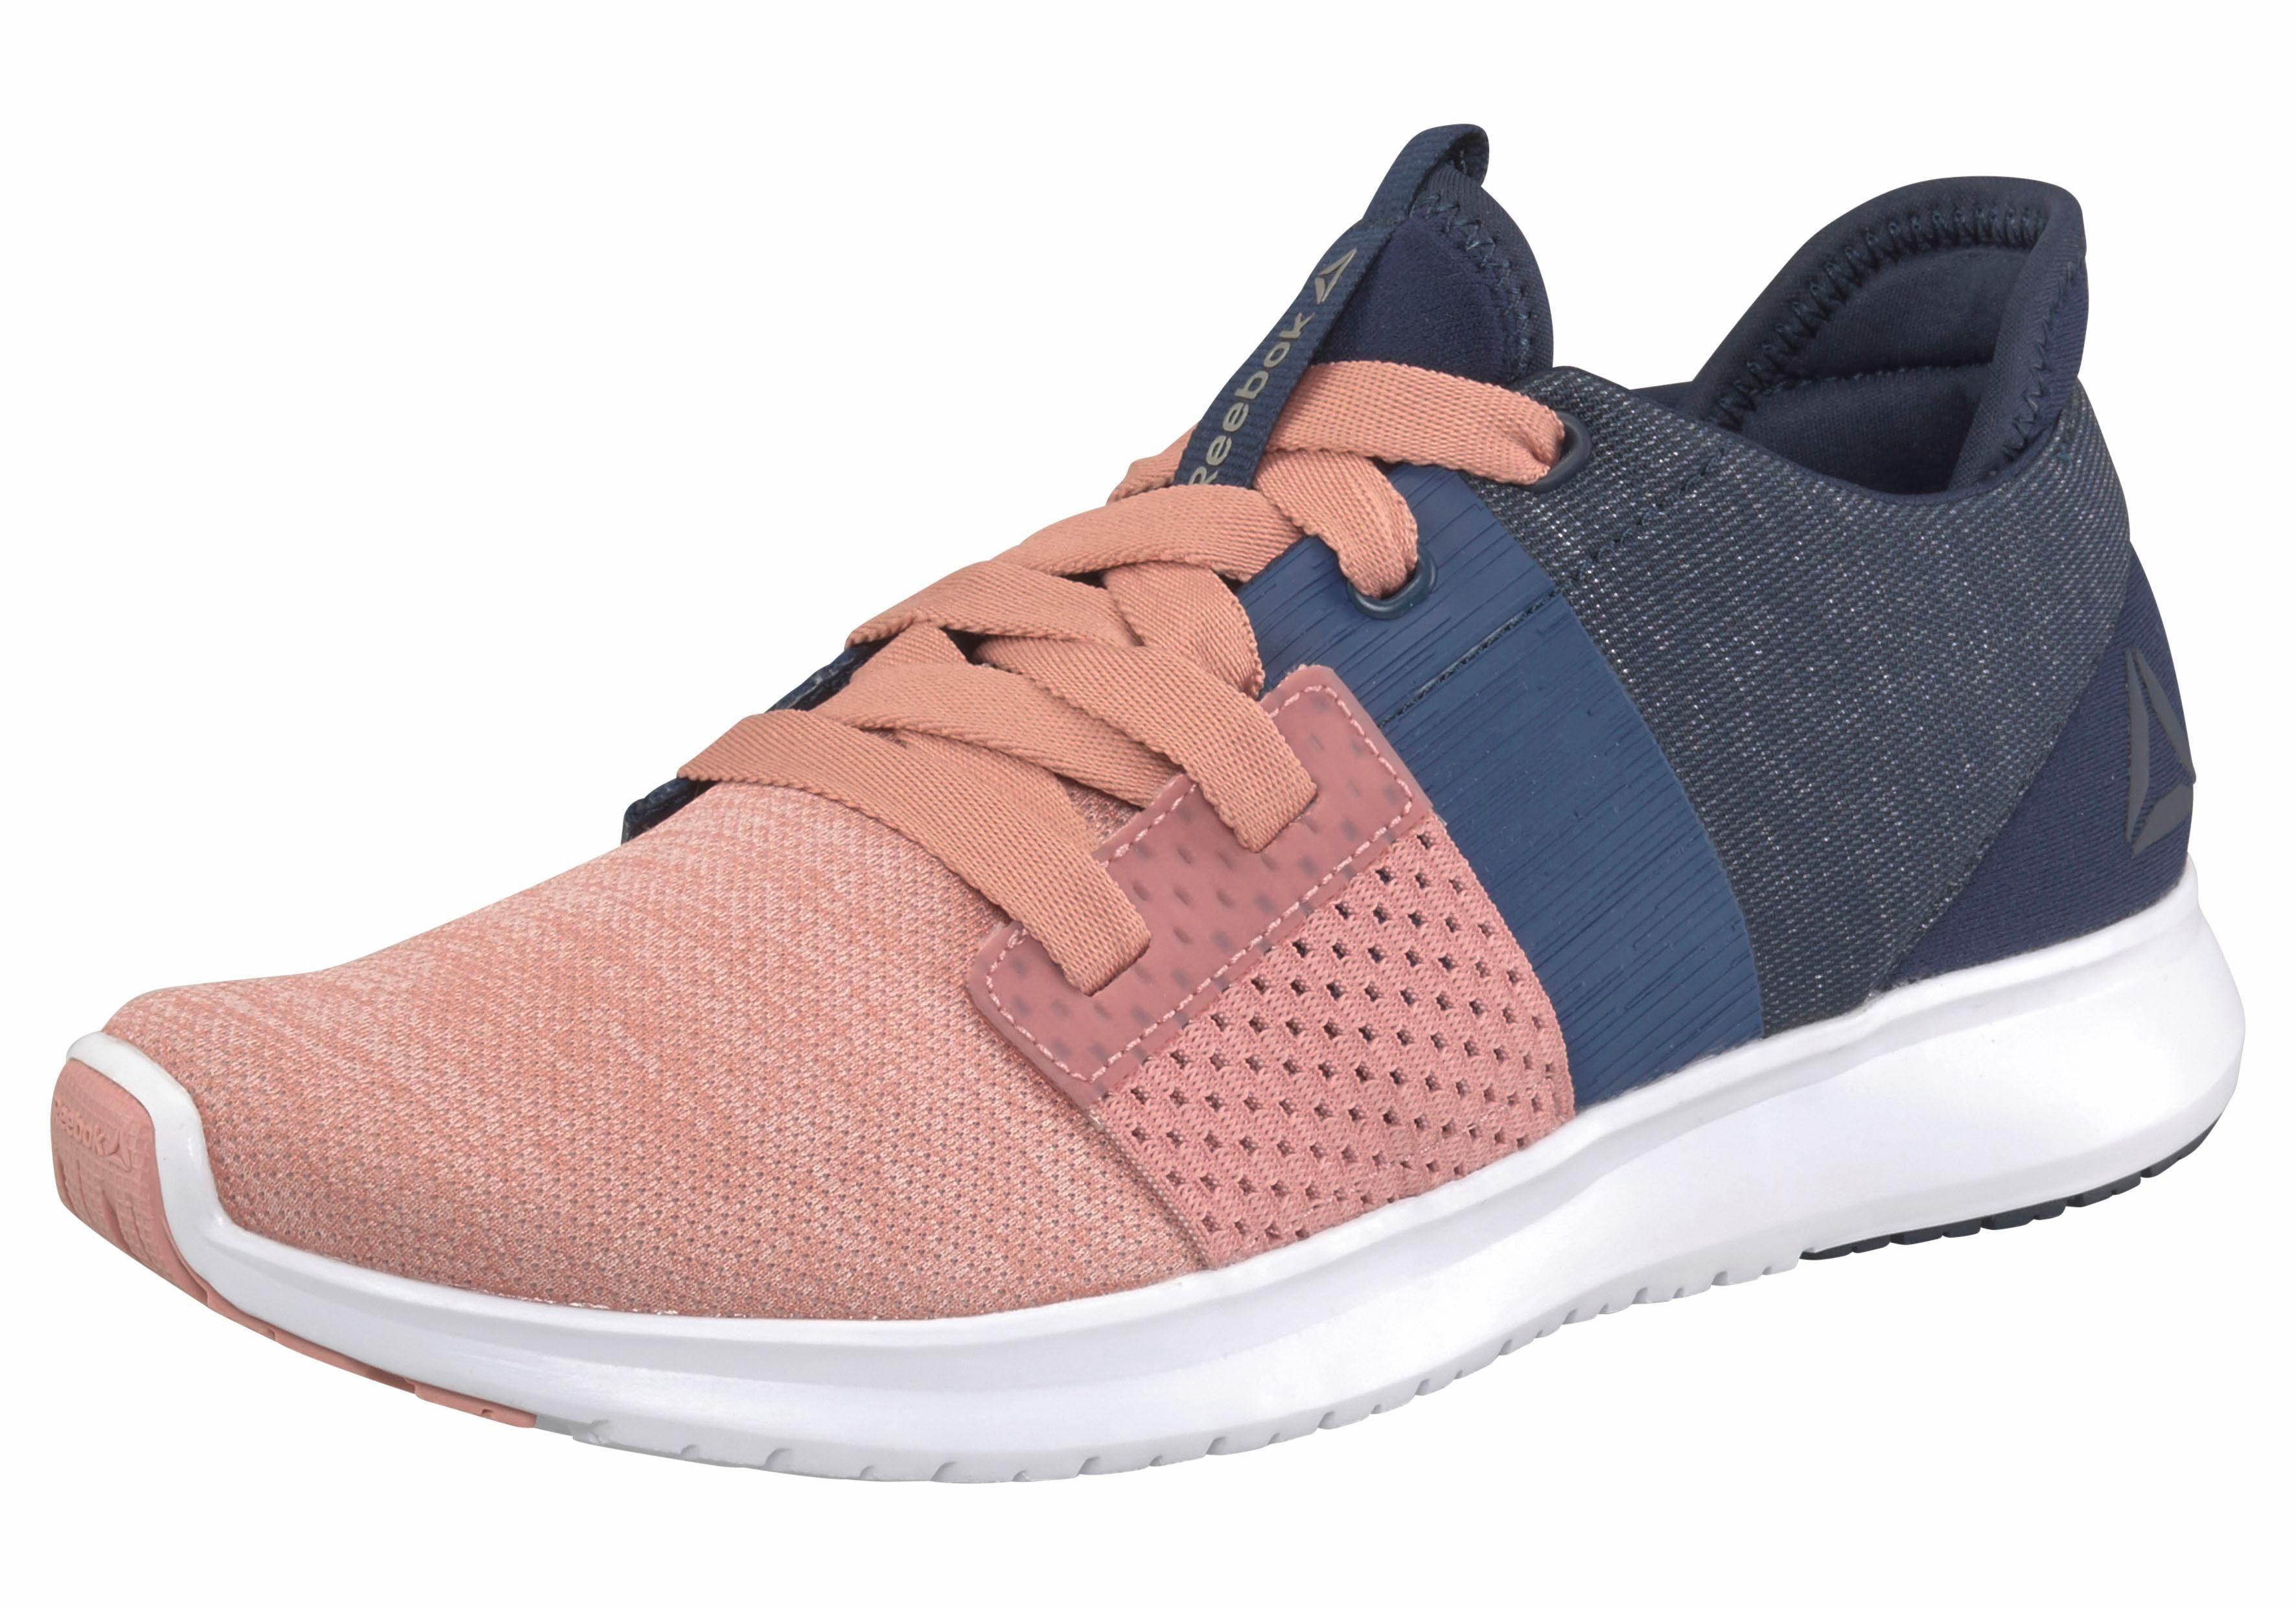 Reebok Wmns Trilux Run Laufschuh online kaufen  rosa-navy